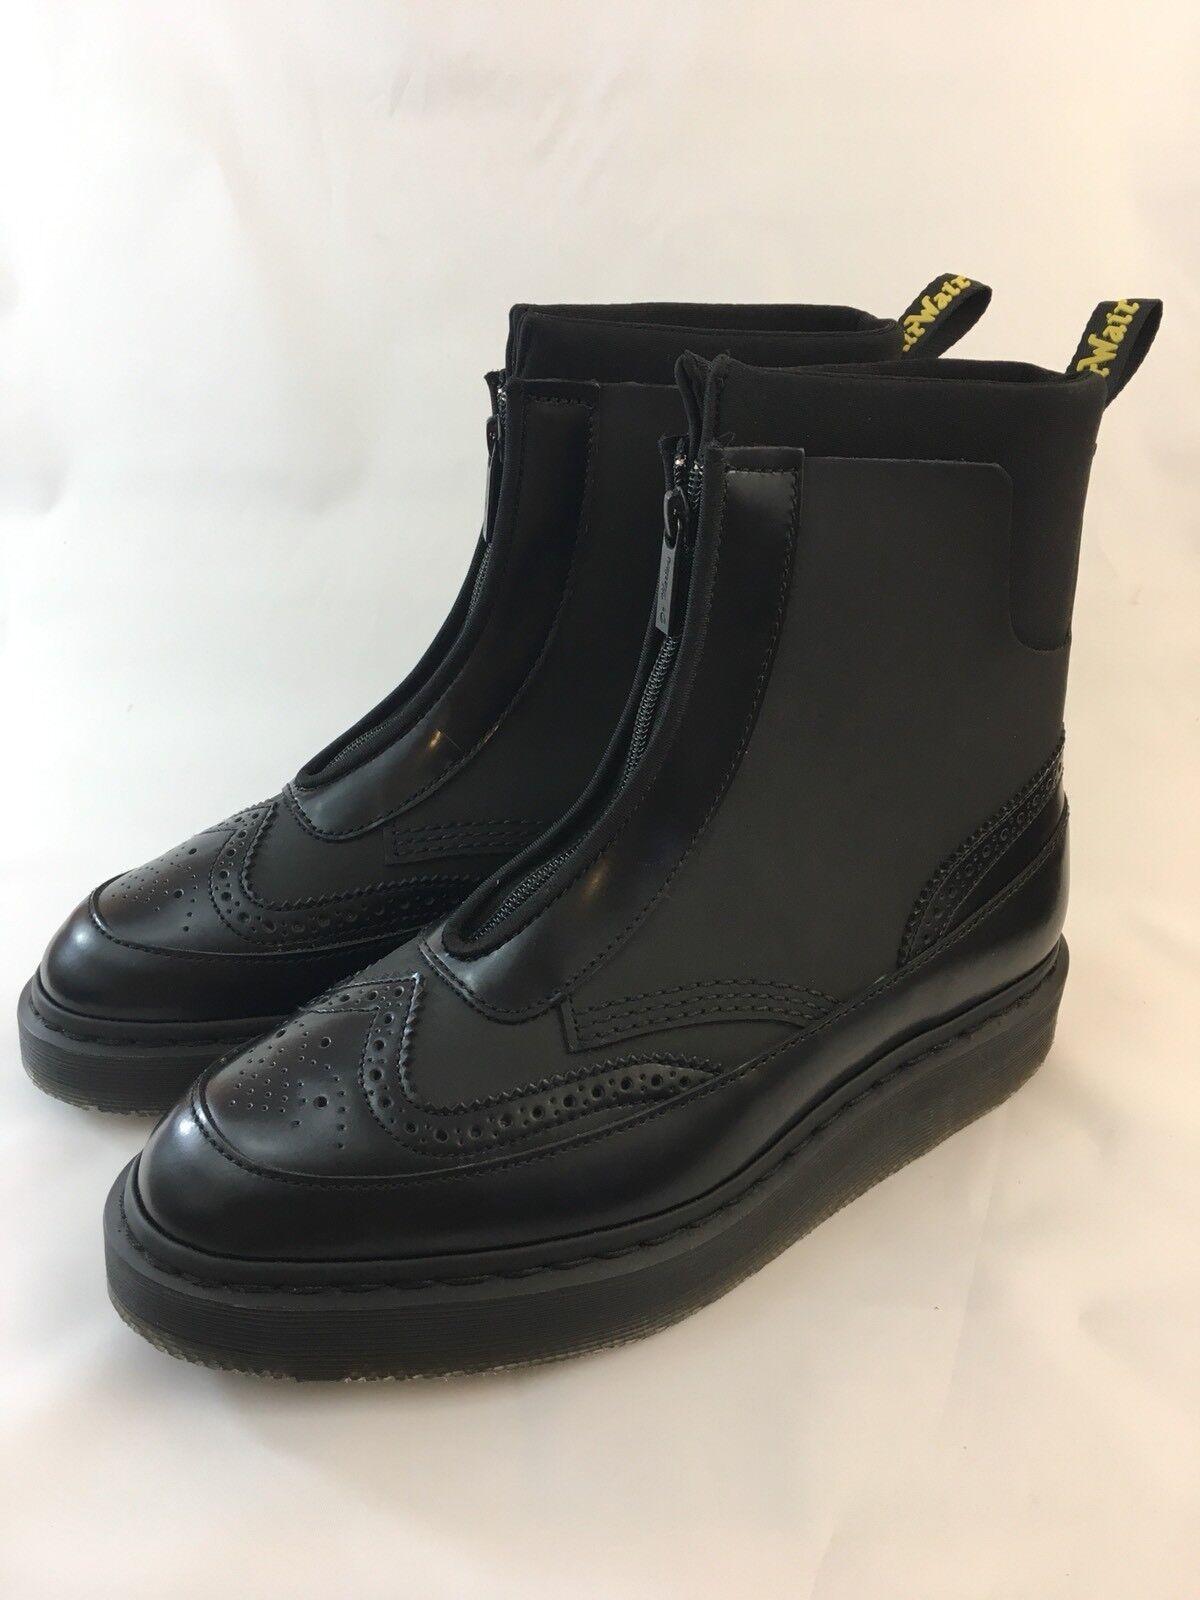 Dr. Martens Women's Jemison Chukka Boot - - - Zip Up - Women's Size 11 US 9 UK 3a69ac